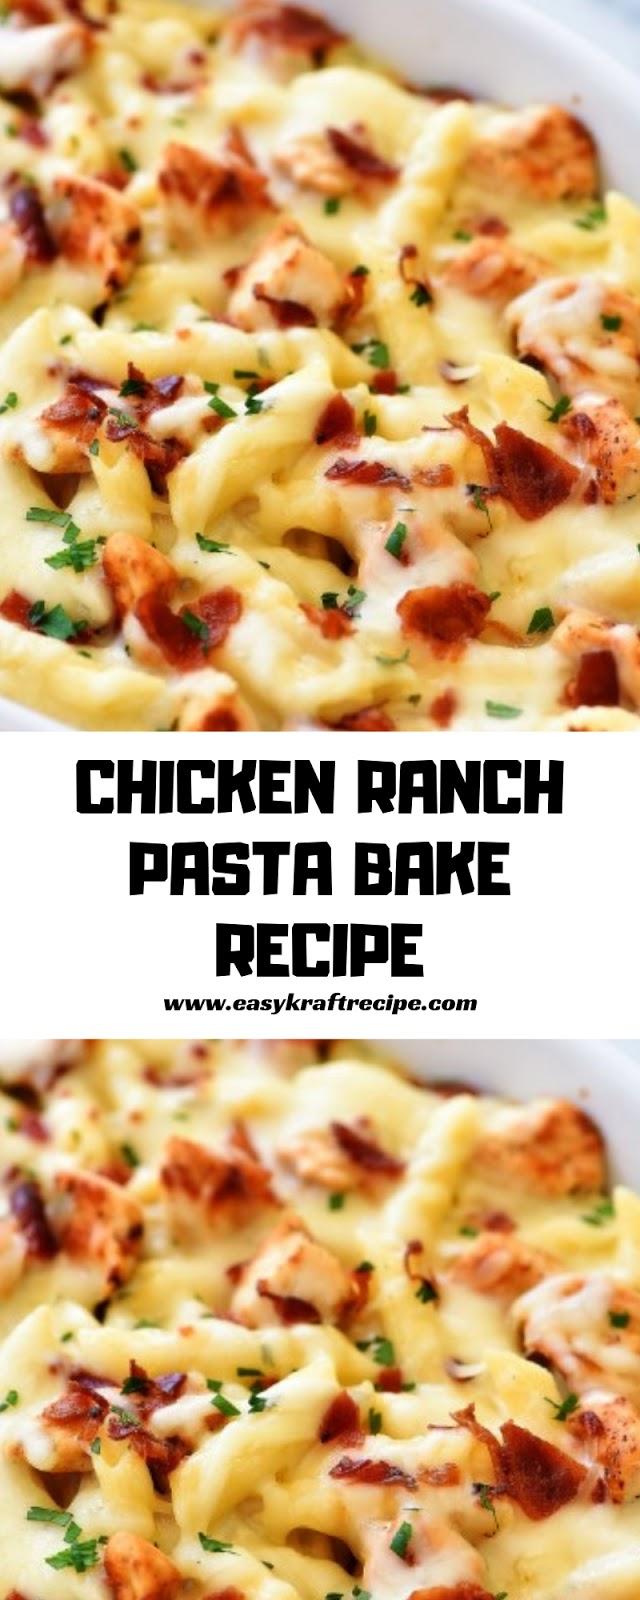 CHICKEN RANCH PASTA BAKE RECIPE